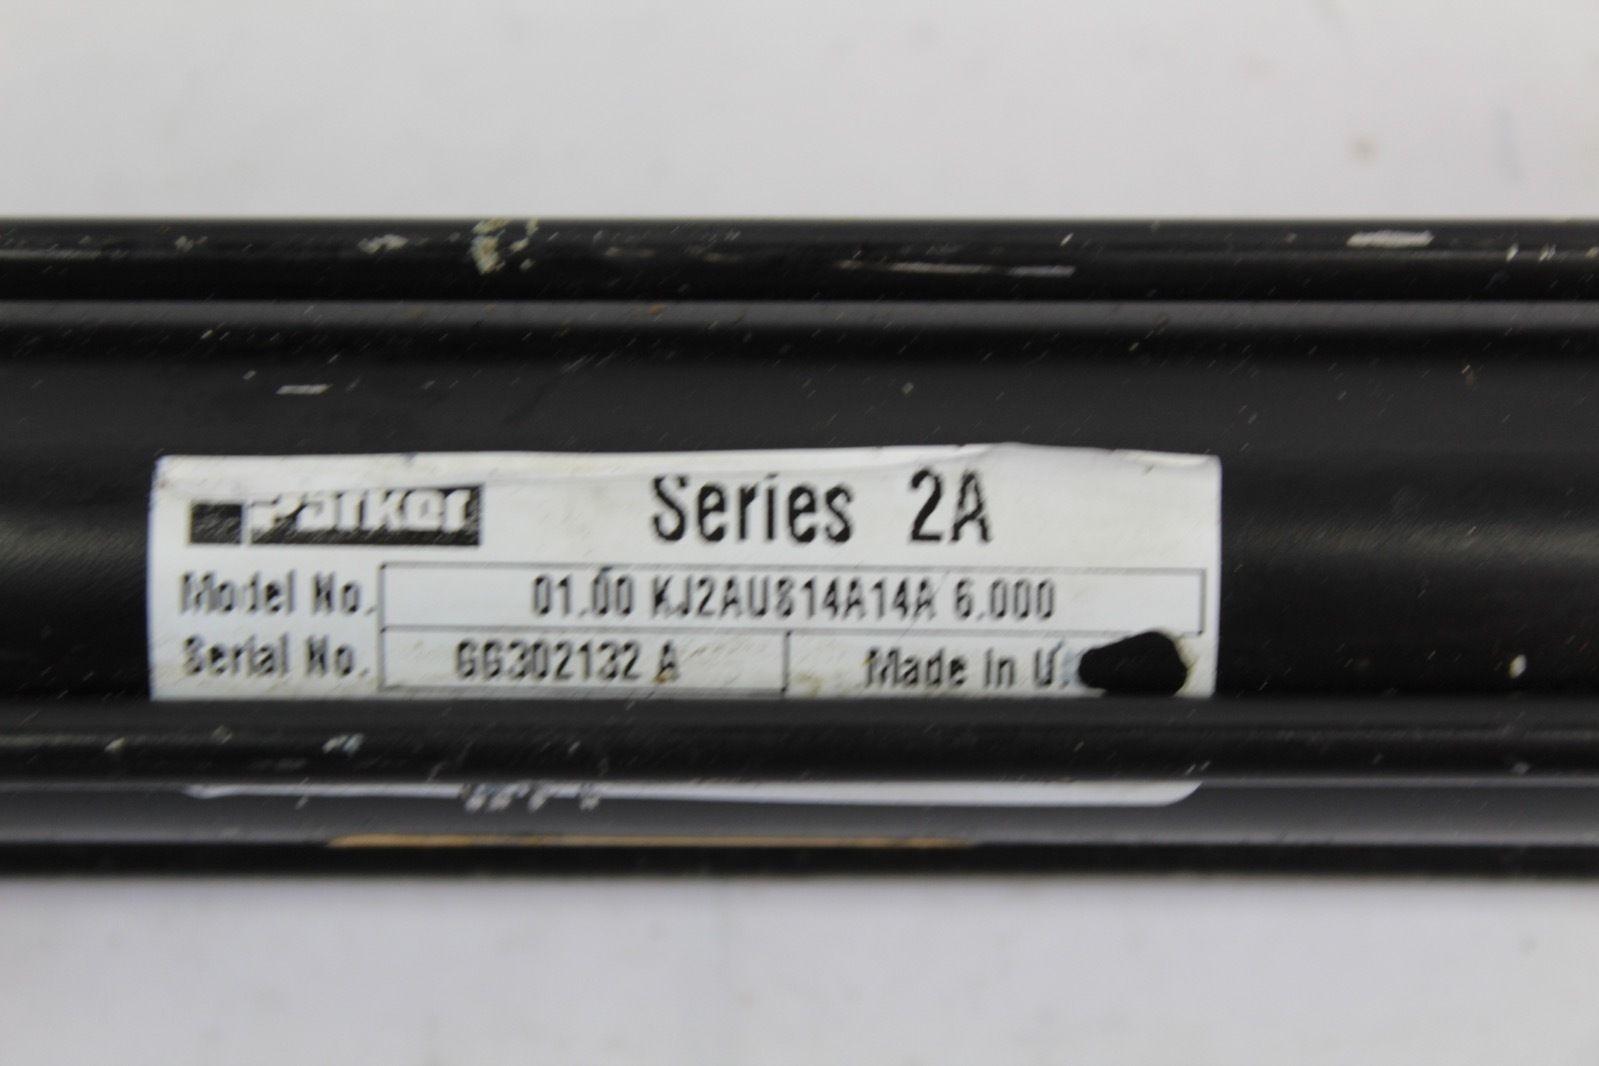 Parker Series 2A 01.00 KJ2AU814A14A 6